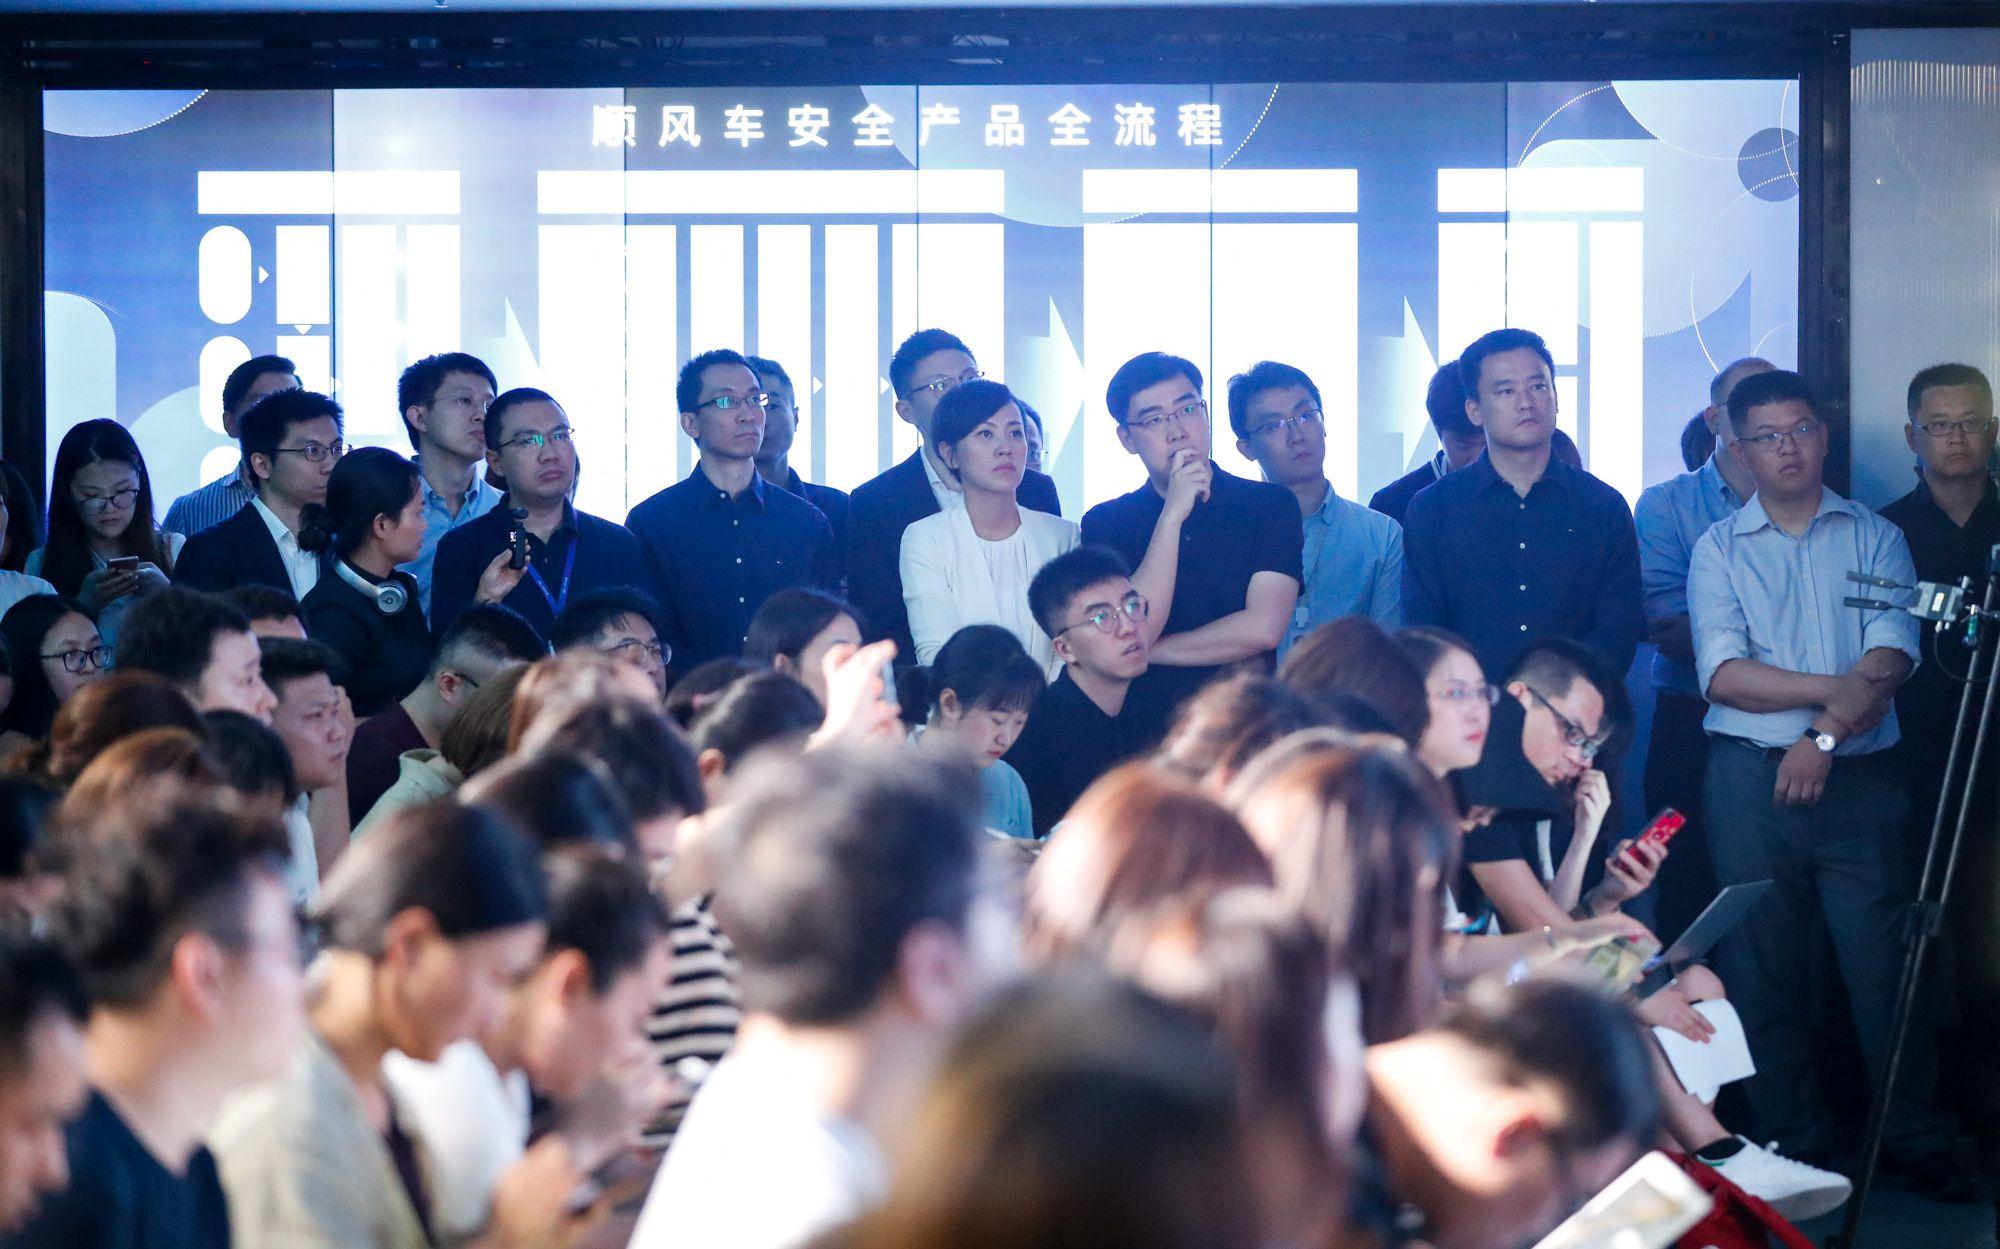 今年7月18日,滴滴顺风车媒体开放日上,滴滴出行创始人程维、总裁柳青,携滴滴几乎所有核心高管出席。受访者供图